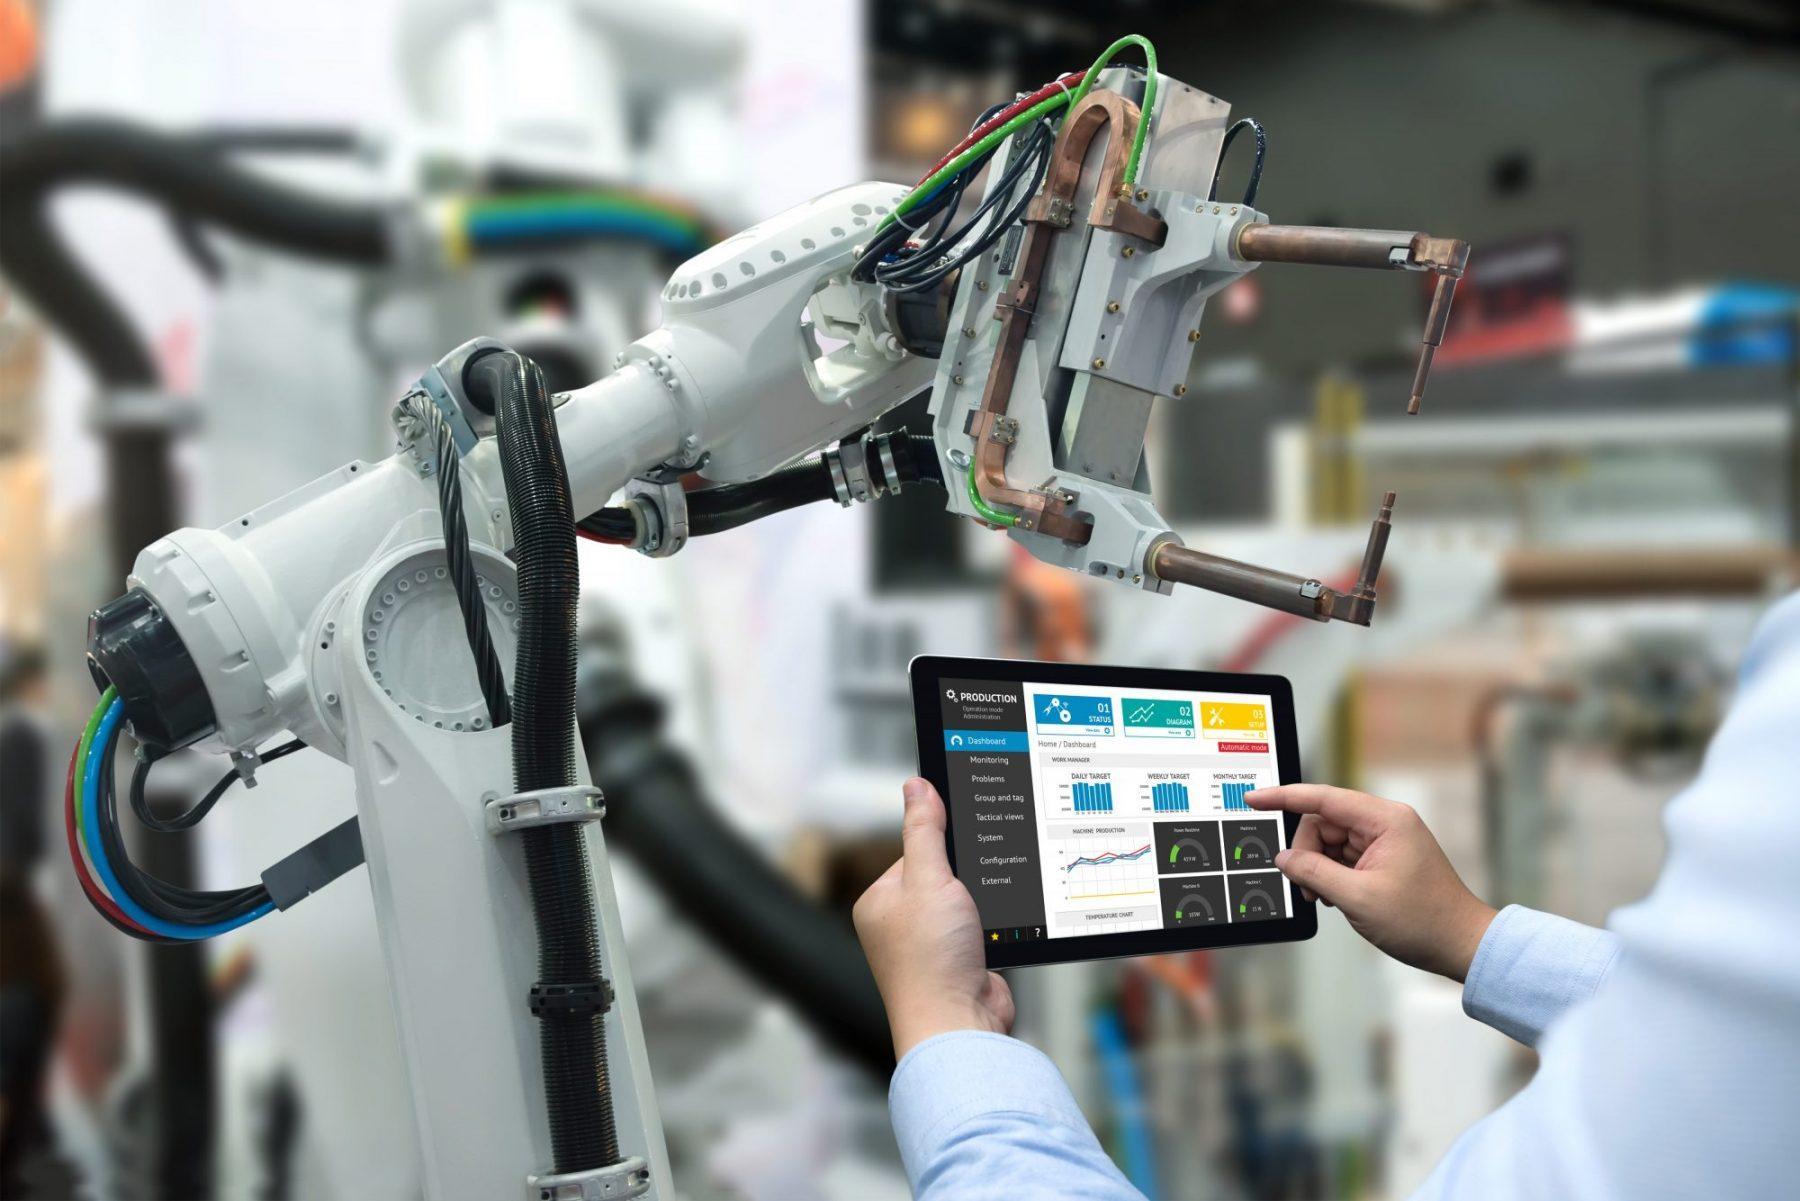 ứng dụng của trí tuệ nhân tạo trong sản xuất